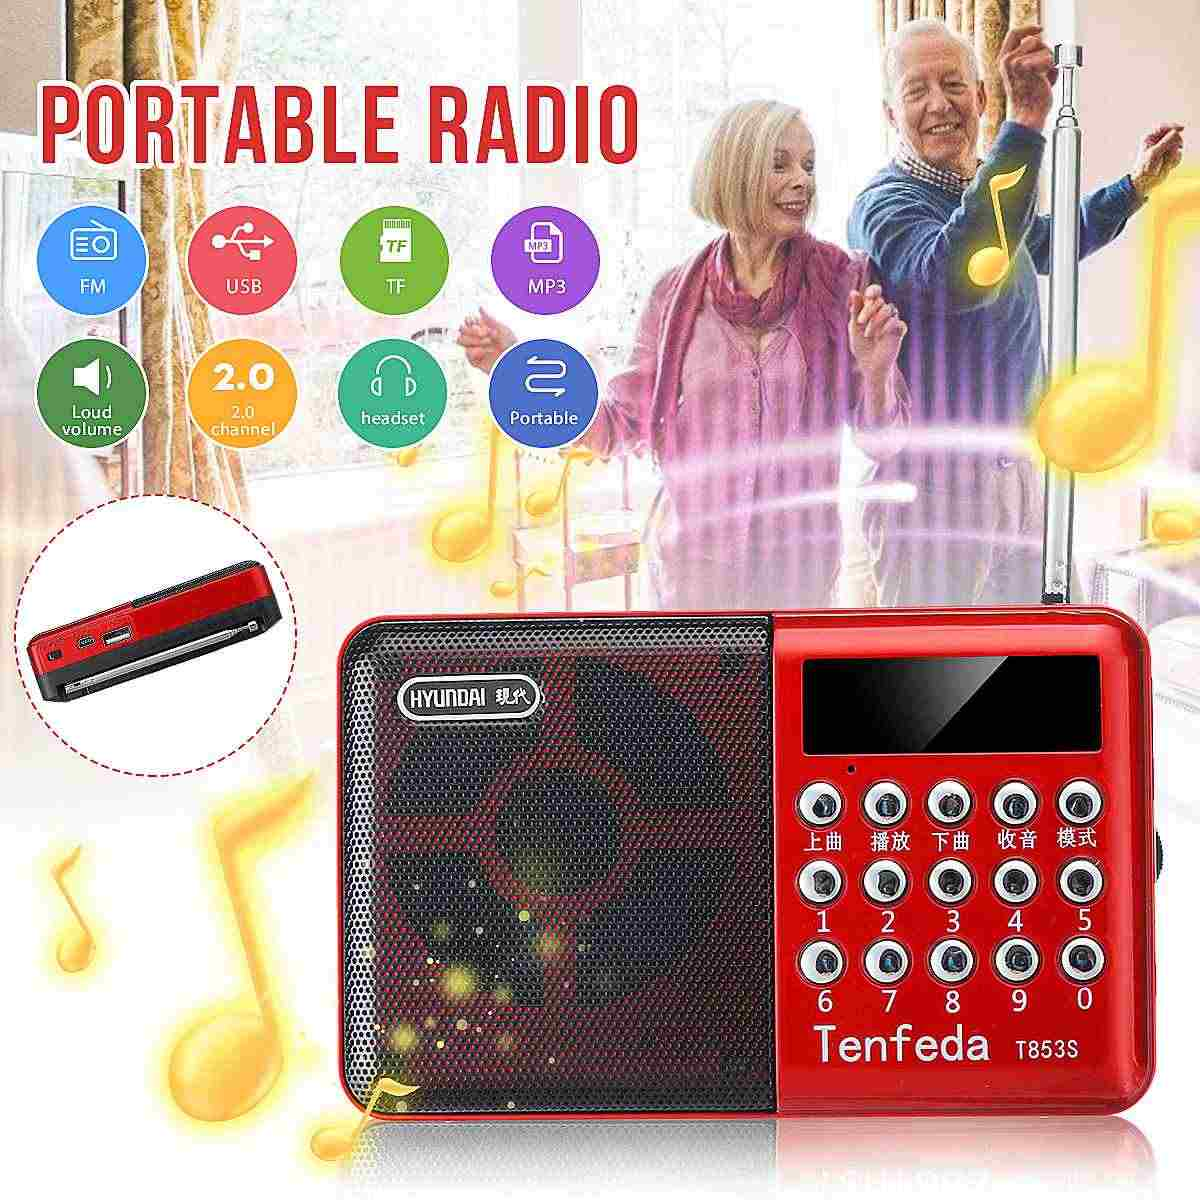 28 واط راديو محمول صغير يده الرقمية FM USB TF مشغل MP3 راديو استقبال DC5V مكبر صوت قابل للشحن Multifuntion أفضل هدية